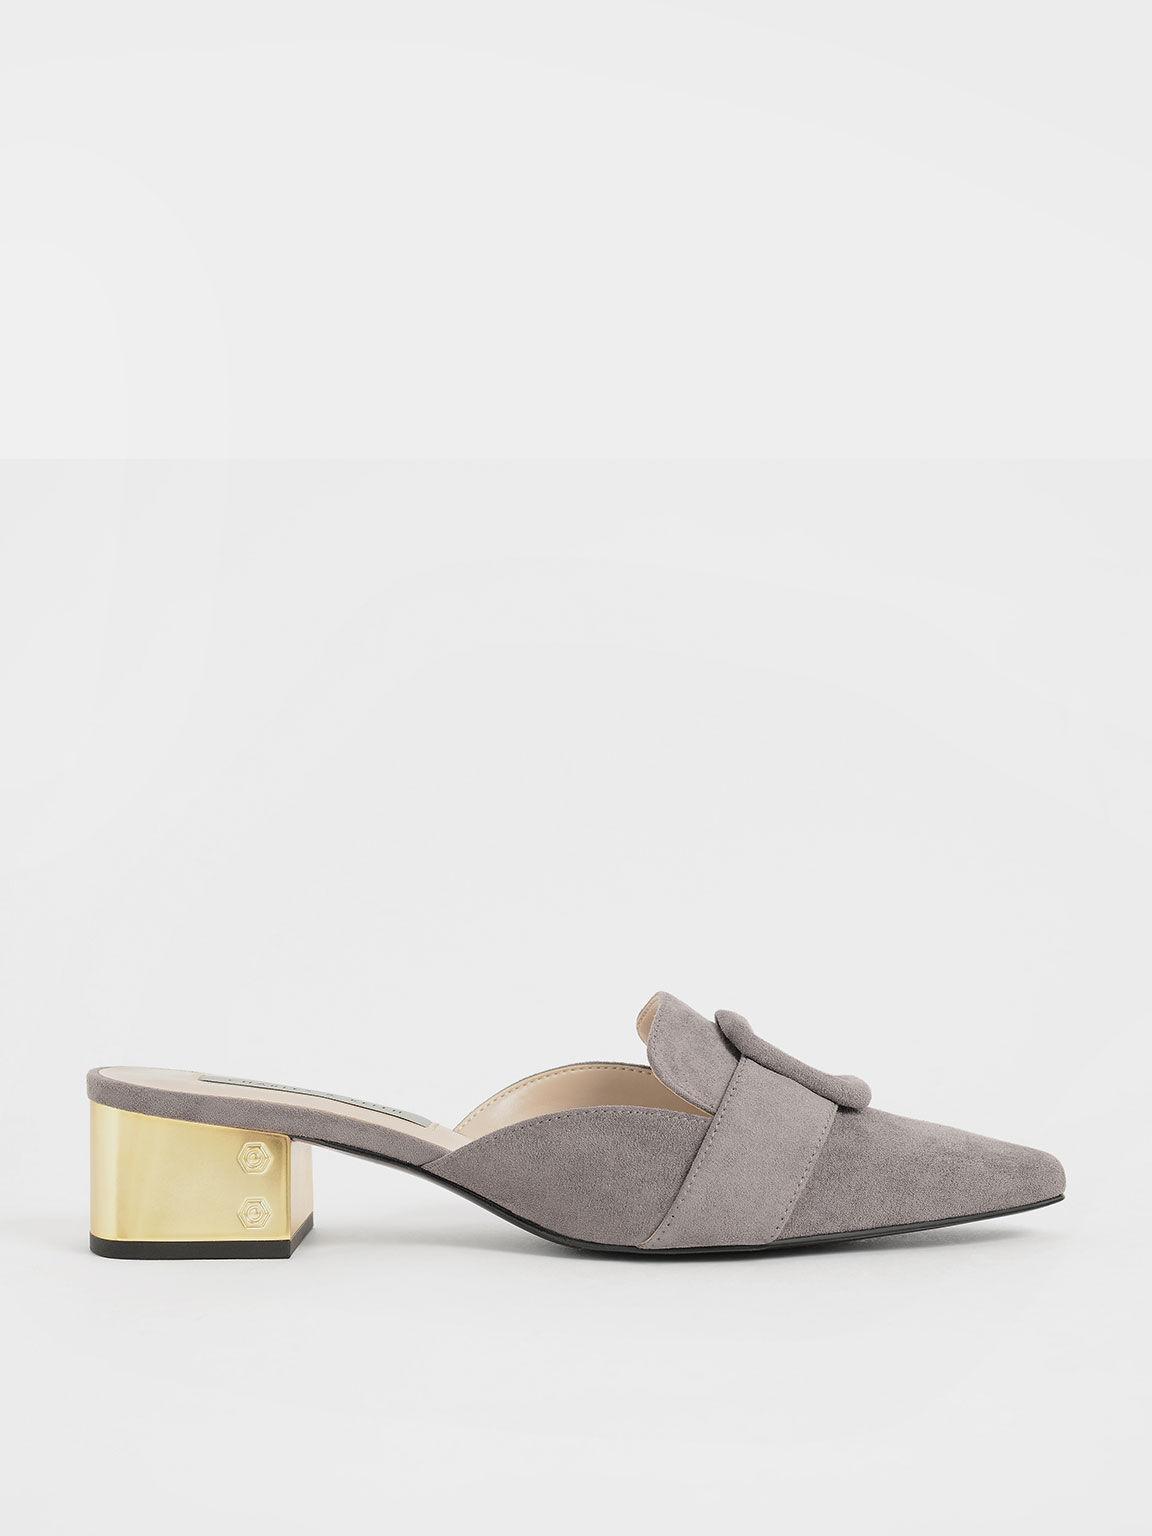 法式方扣穆勒鞋, 灰色, hi-res